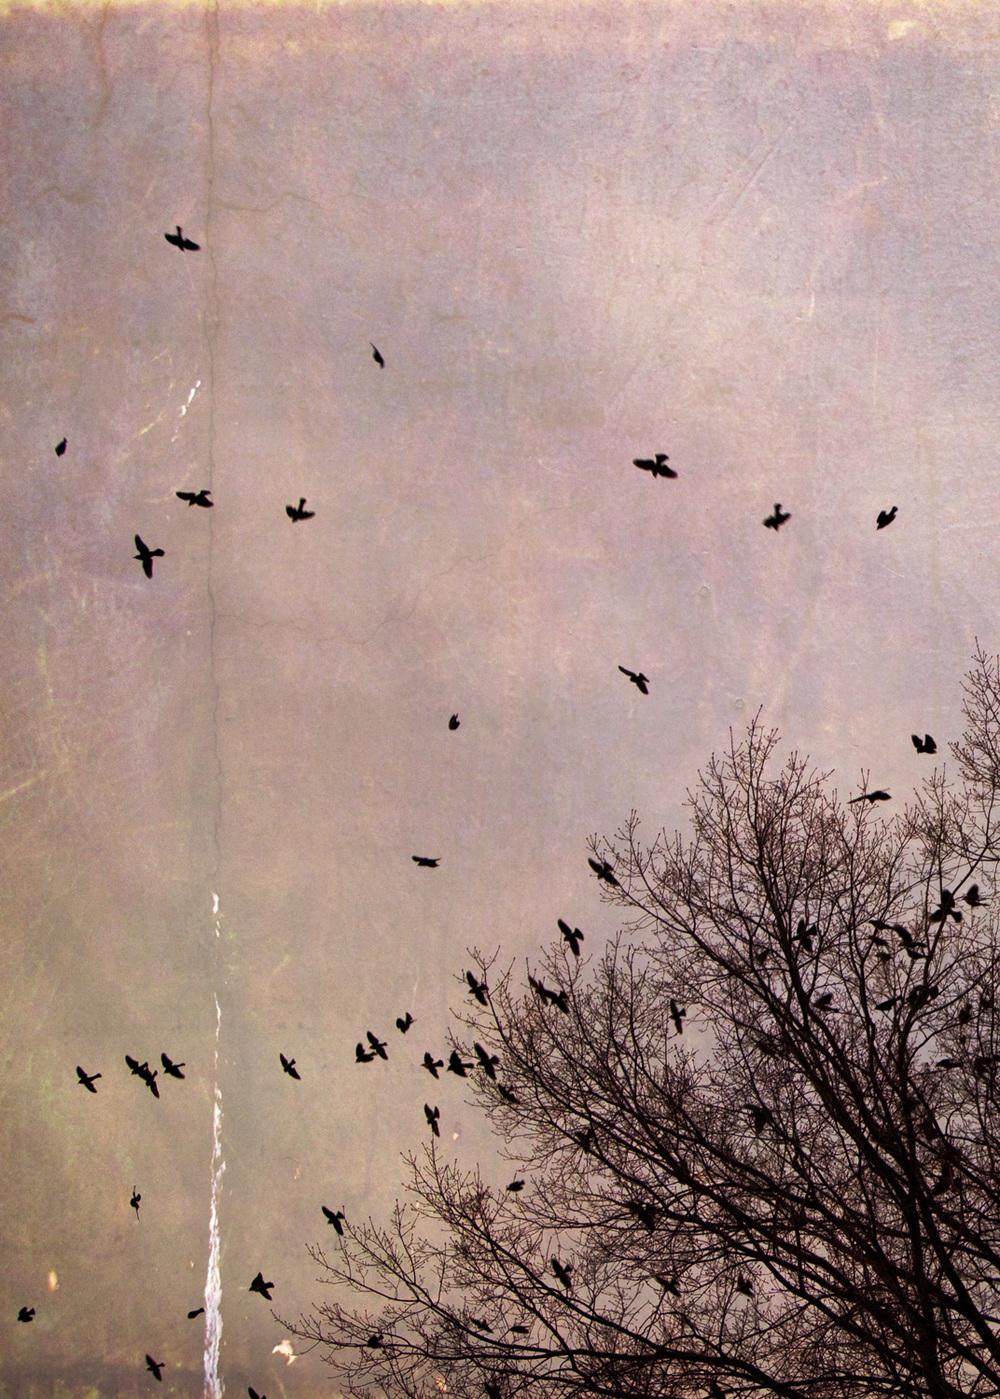 birds_at_dusk_03-7x5-7084.jpg